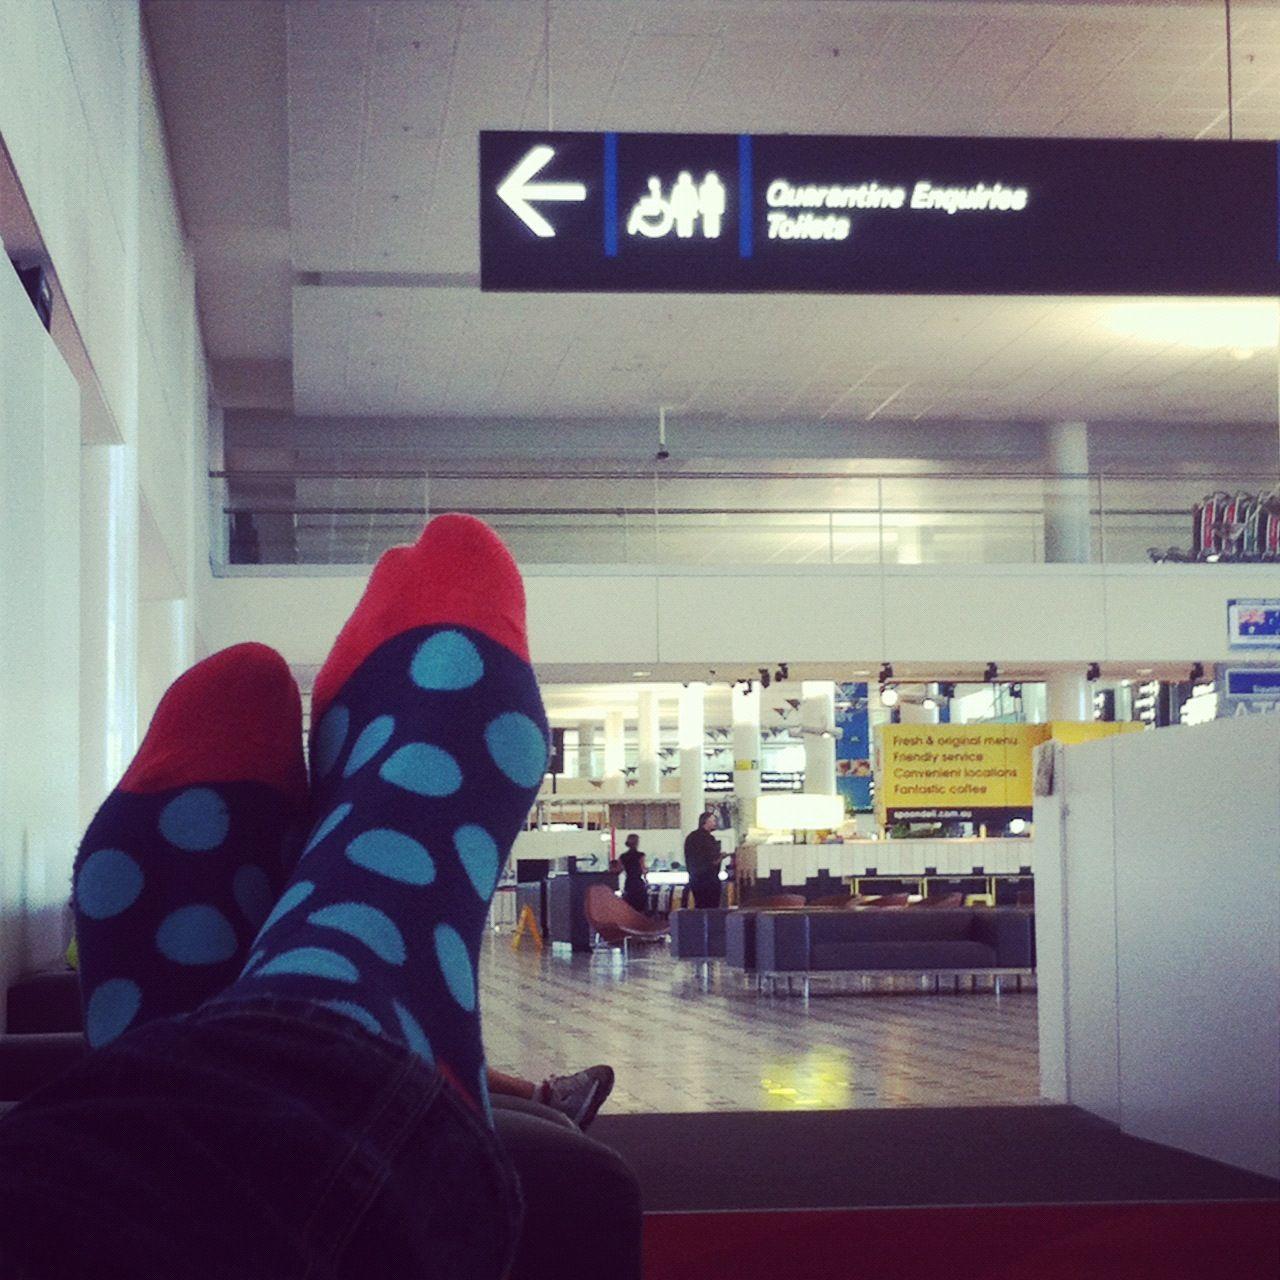 Expert Airport Chillaxin'